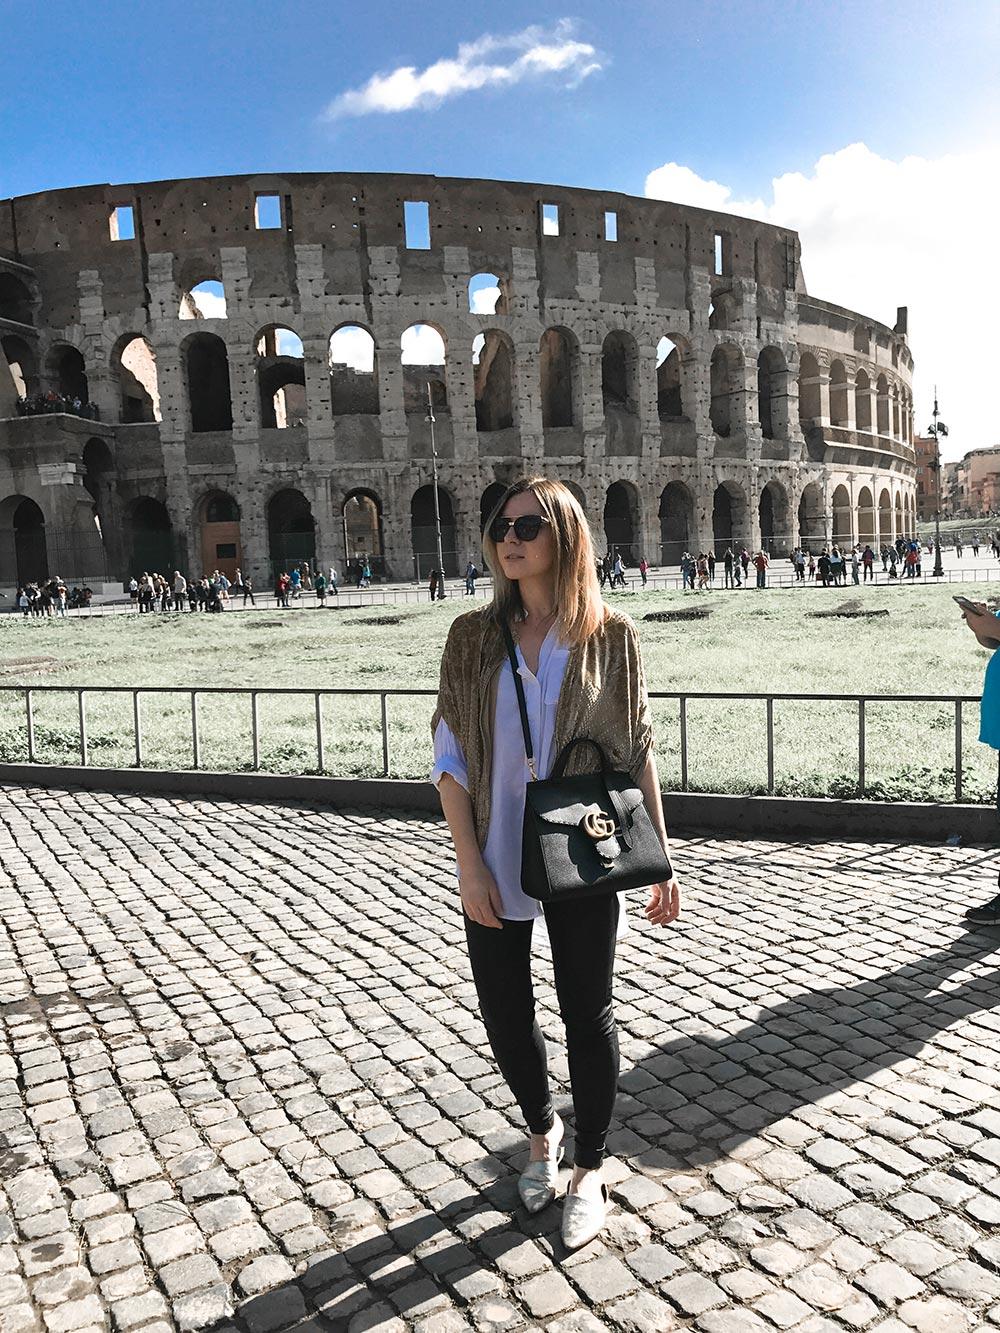 Rom Insider Tipps, Geheimtipps Kurztrip Rom, Städtereise, Insider Tipps Rome, Reiseblog, Travelblog, Lifestyleblog, Magazin, whoismocca.com